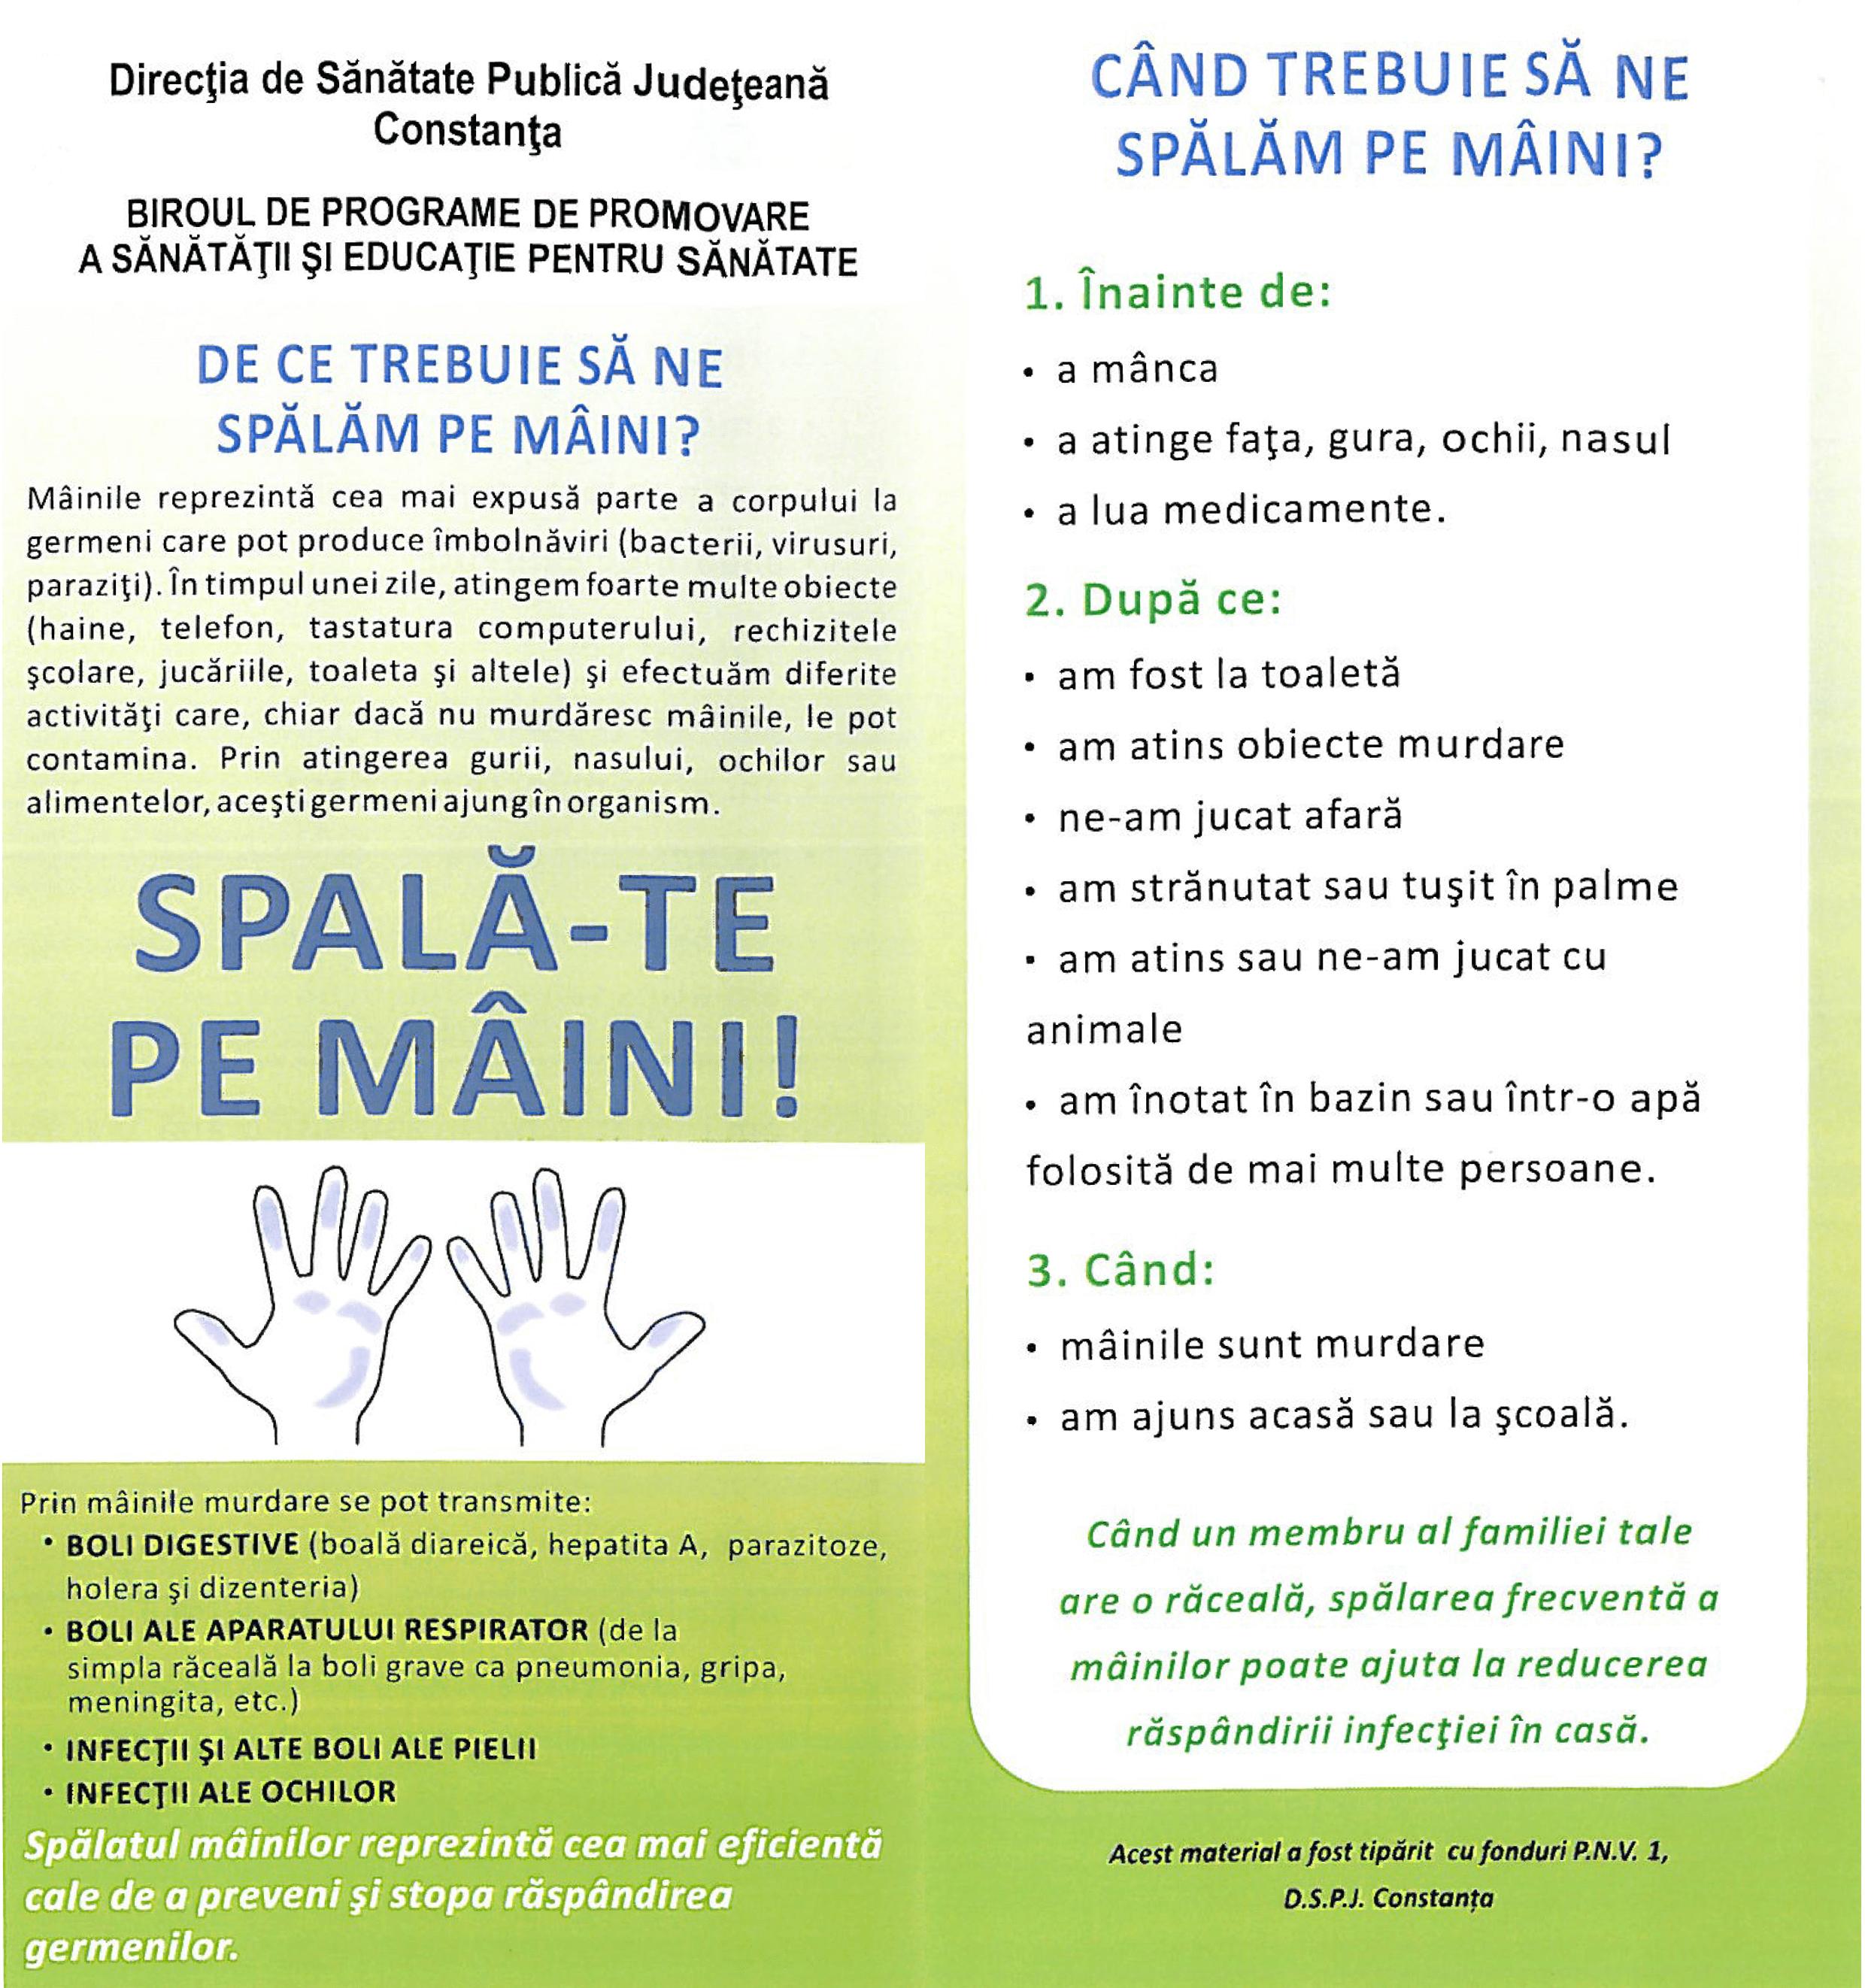 https://www.medstar2000.ro/wp-content/uploads/2018/01/Spala-te-pe-maini.png